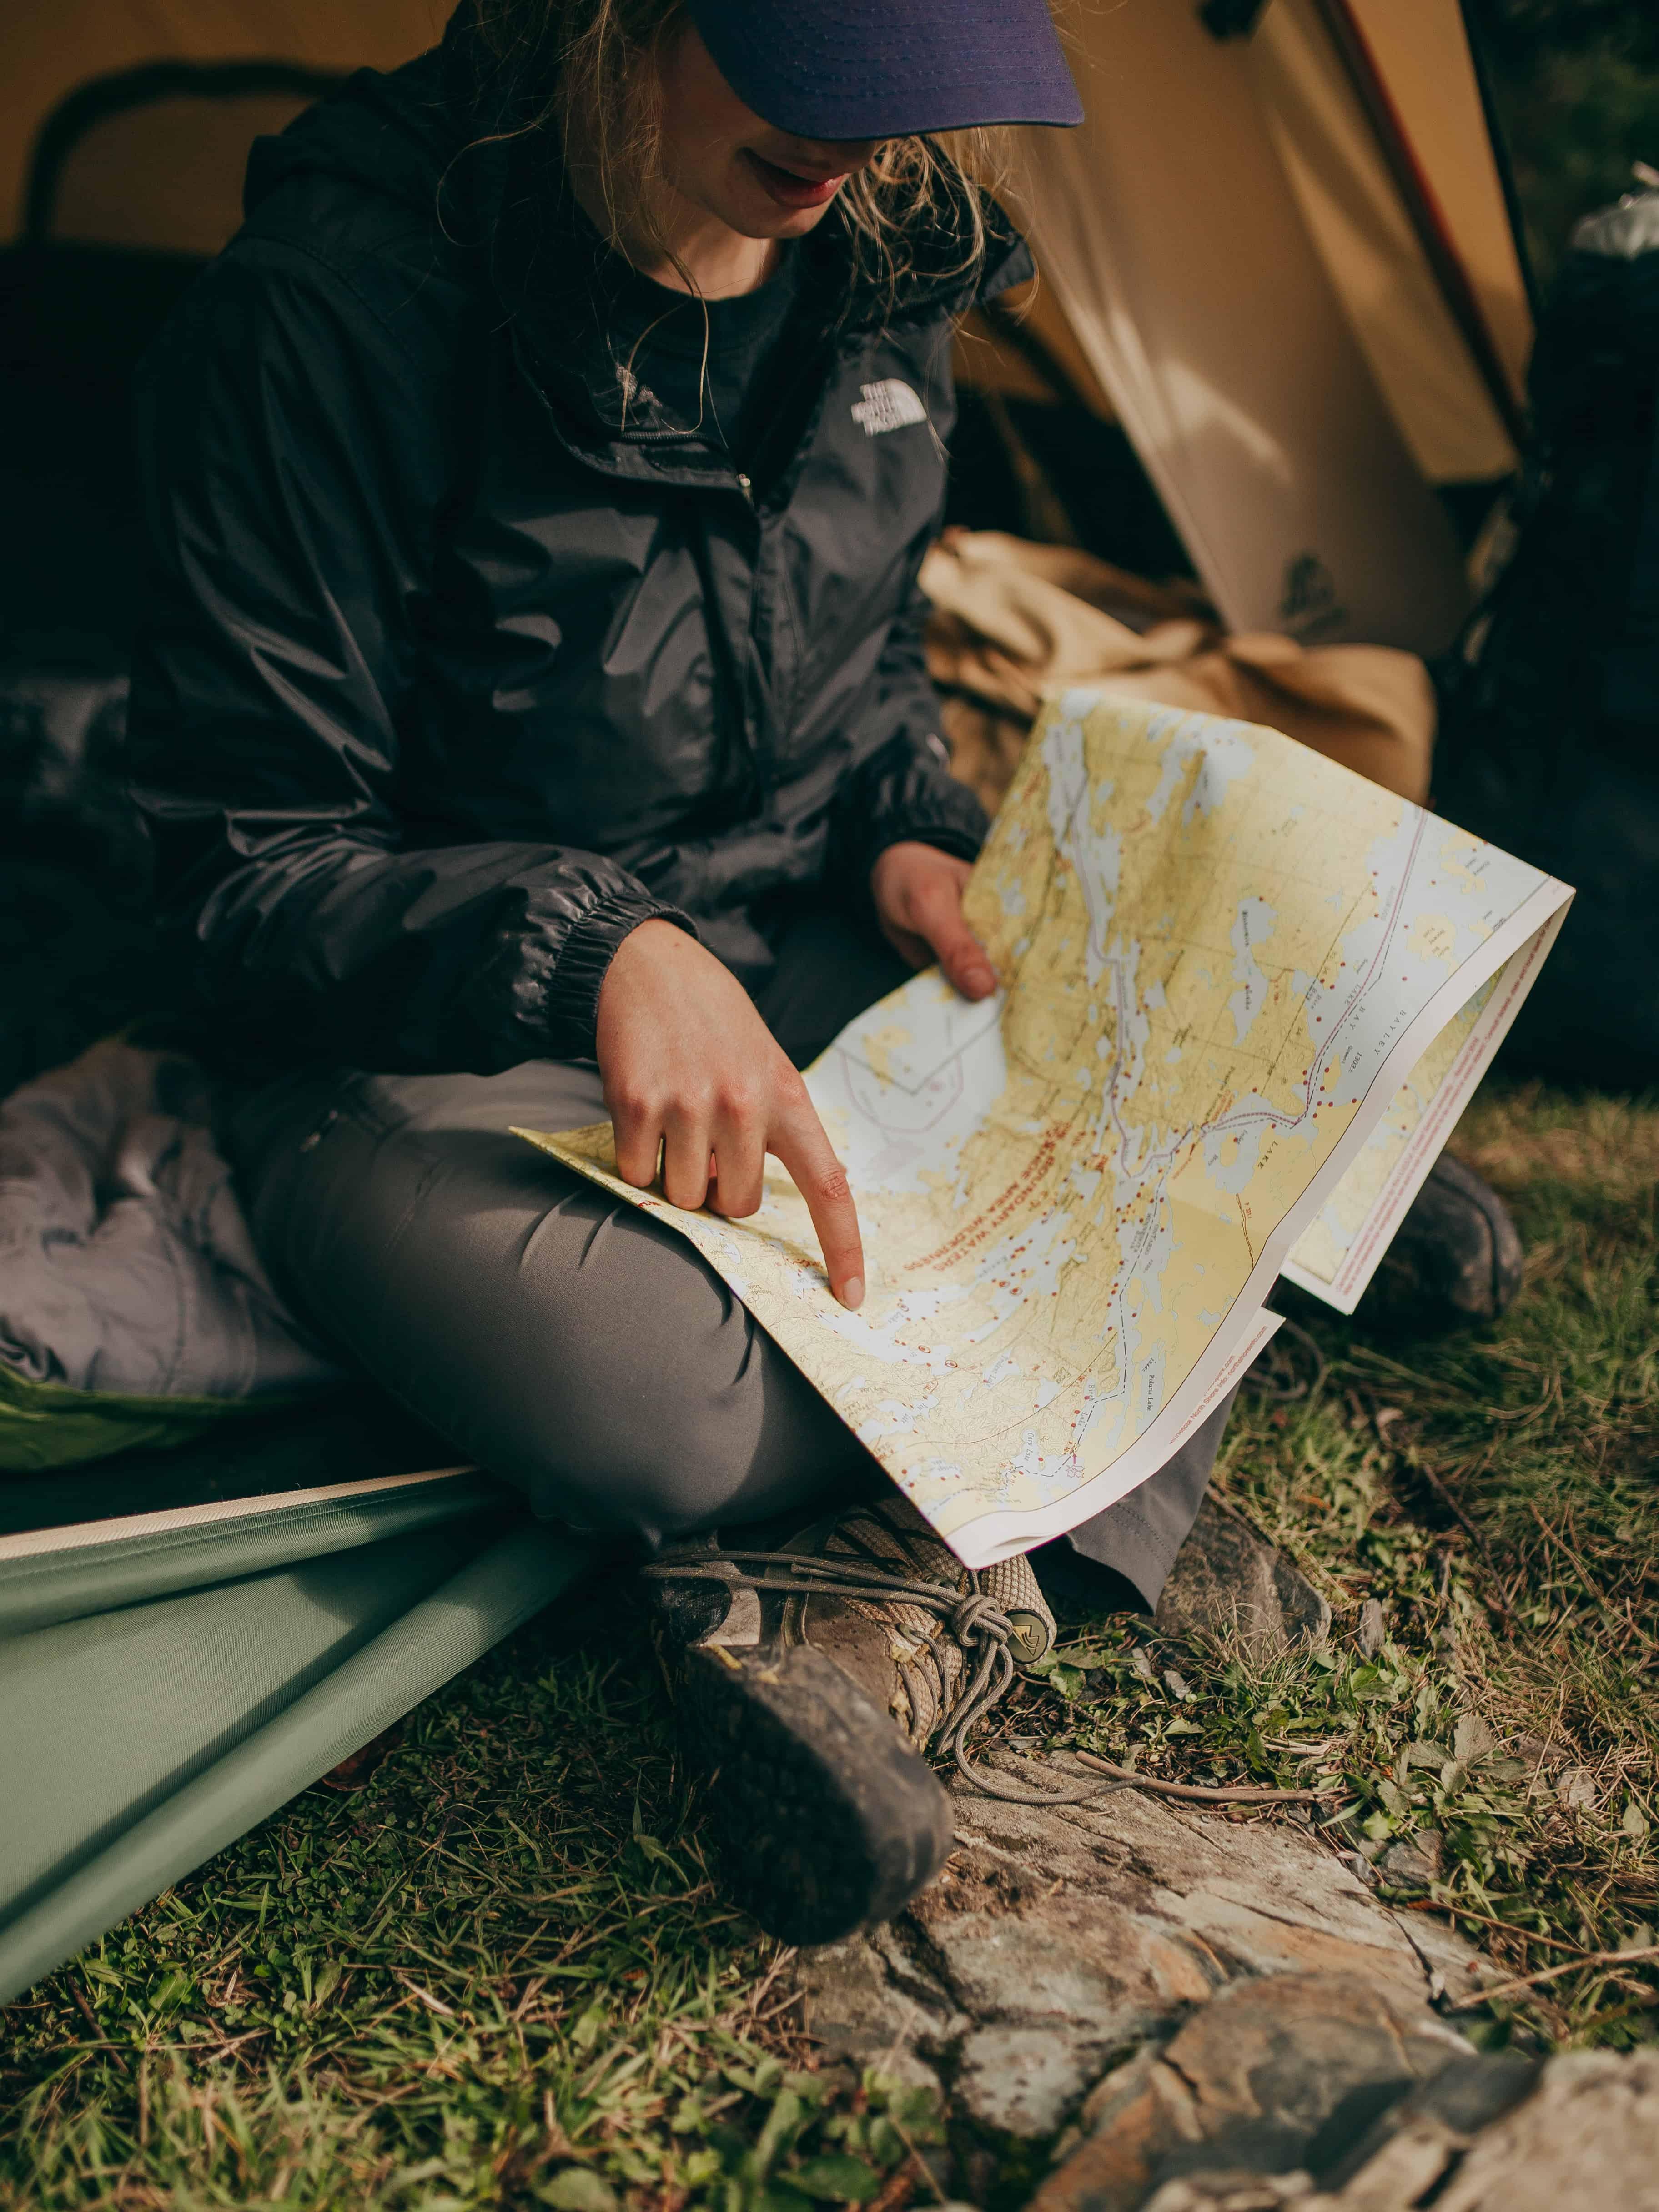 Femme avec une carte dans une tente